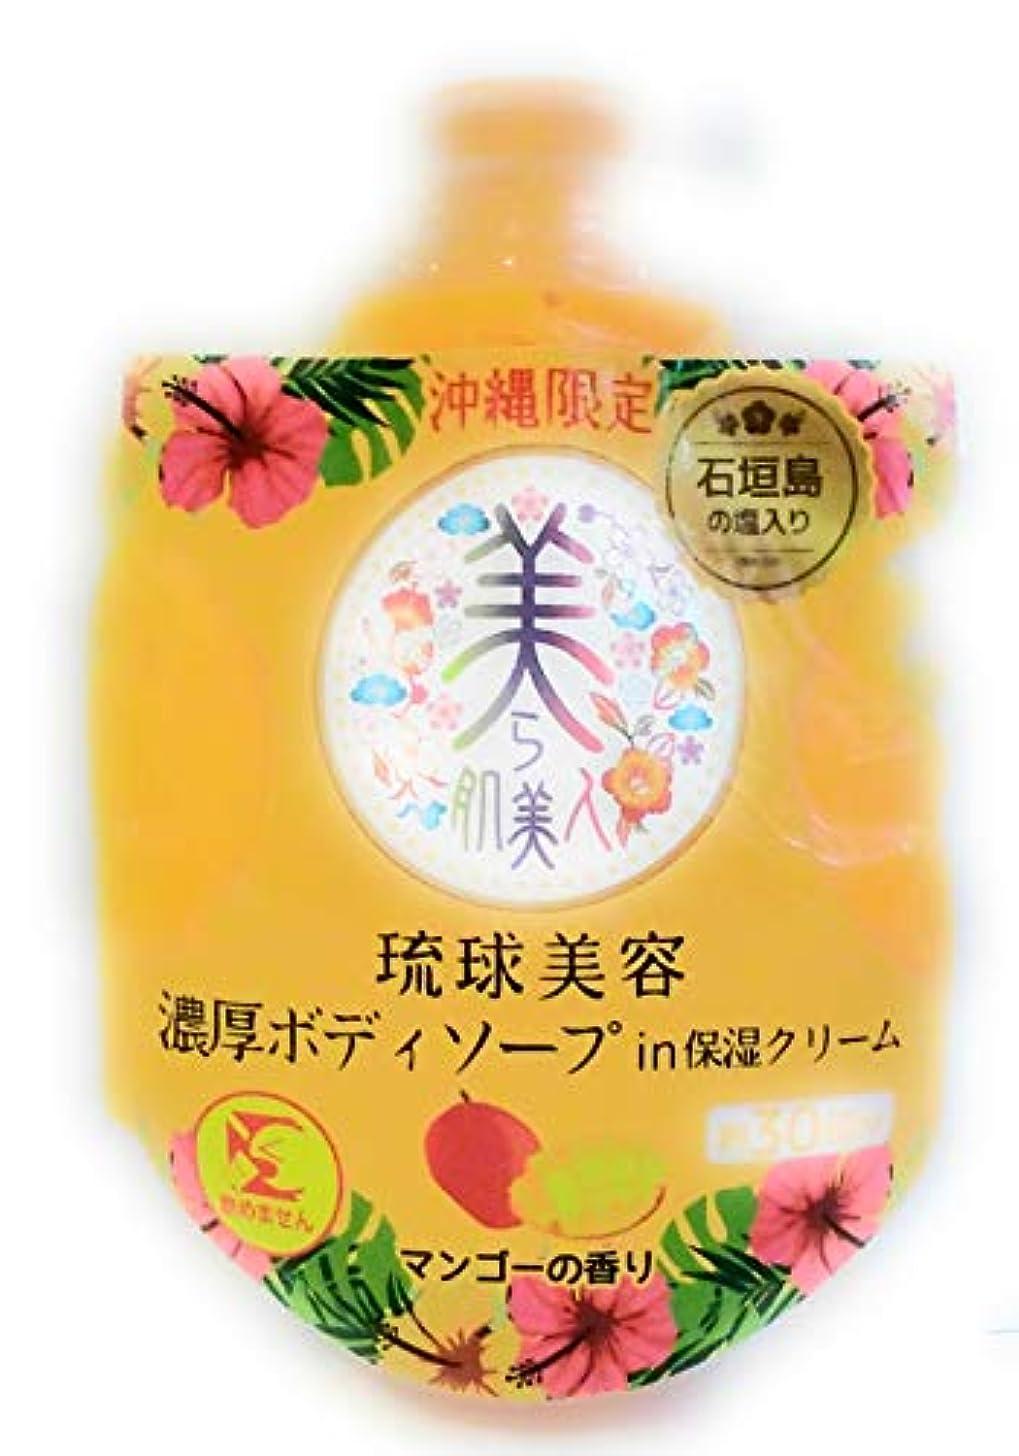 練習した不実だらしない沖縄限定 美ら肌美人 琉球美容濃厚ボディソープin保湿クリーム マンゴーの香り